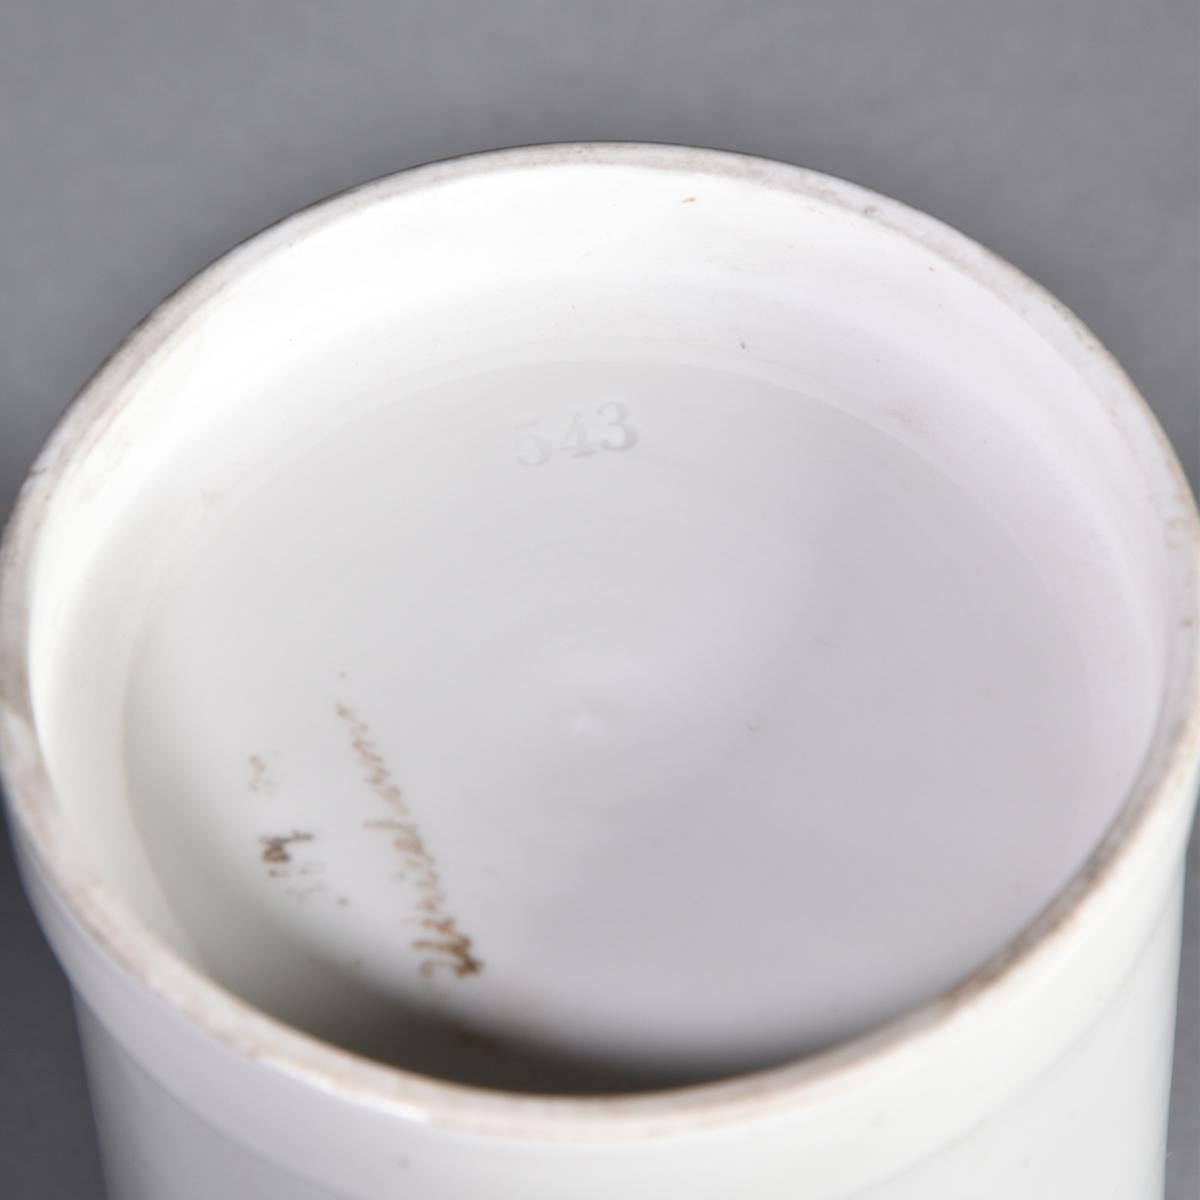 Ståndkärl, apoteksburk, av vitt porslin, cylindriskt med plant lock. Svart text inom guldfärgad lagerkrans krönt av krona.